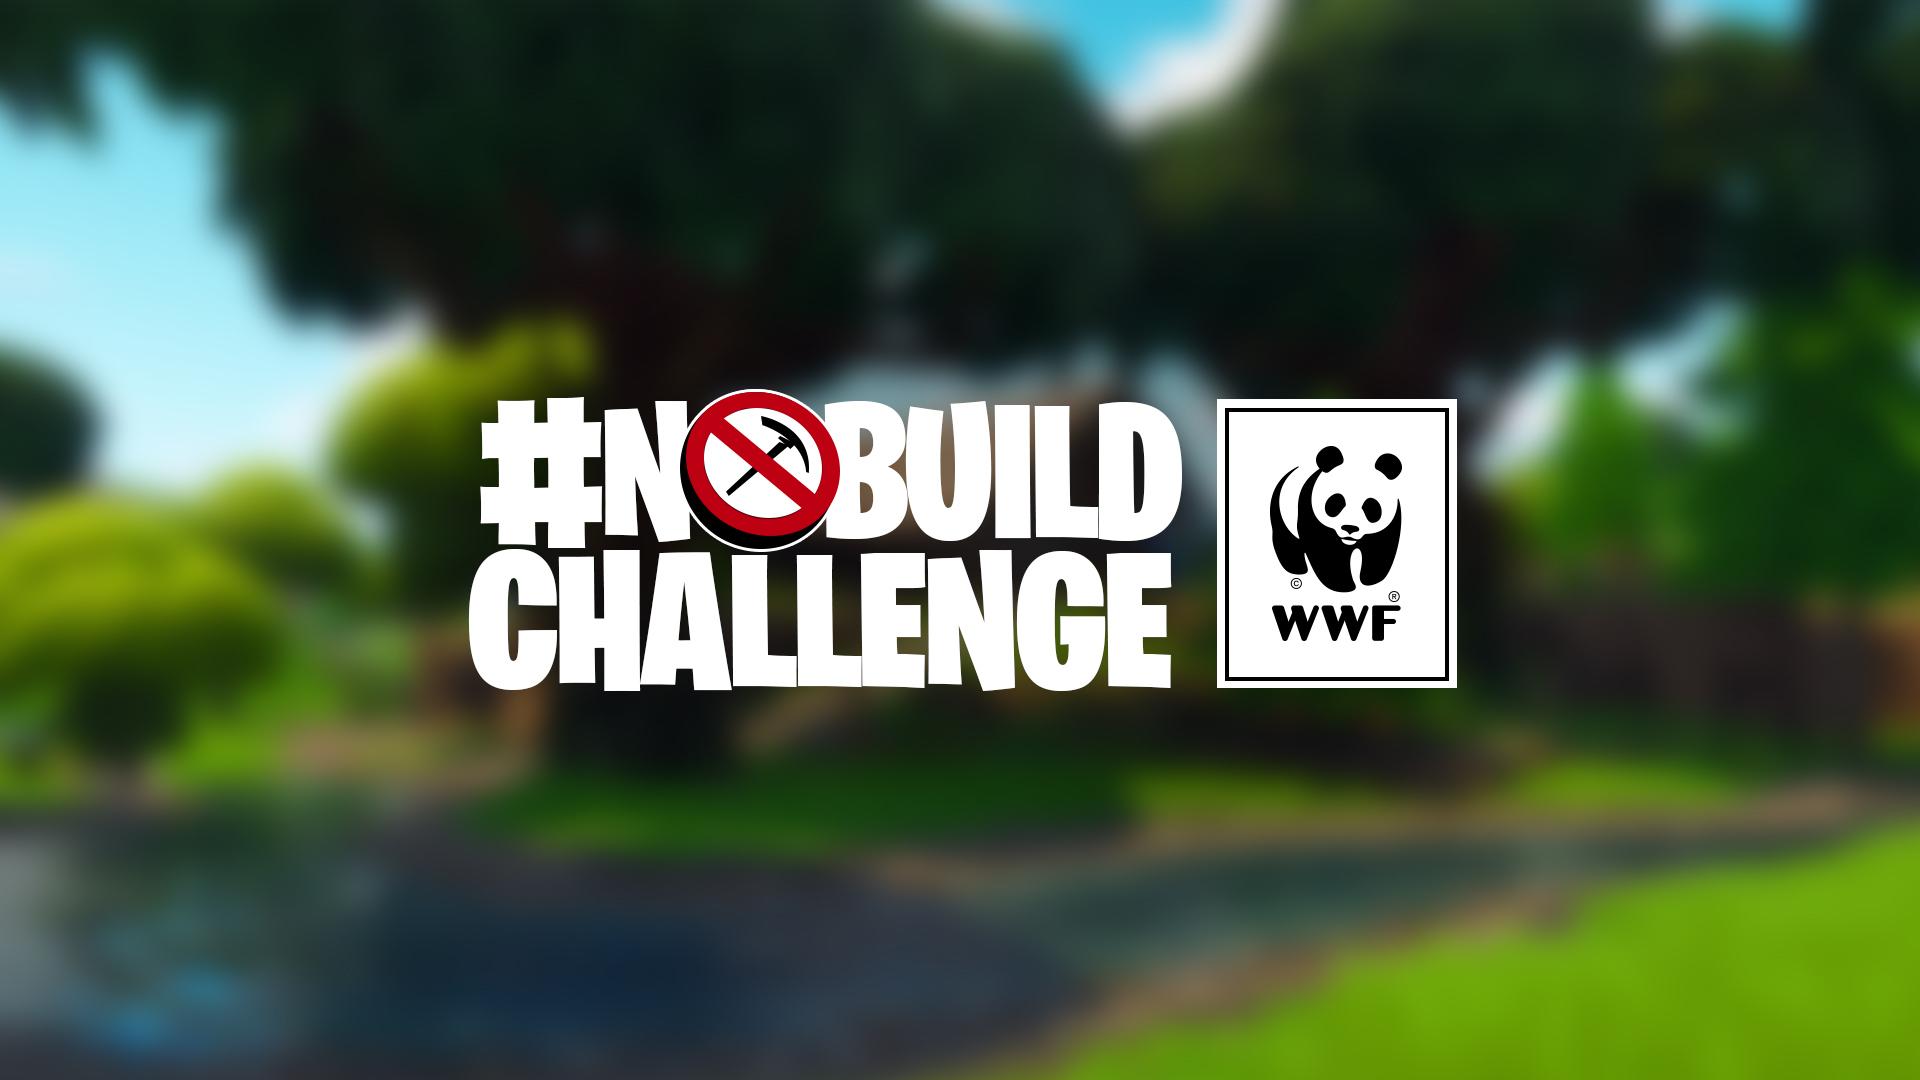 visuel fourni par le wwf france - comment construire une porte sur fortnite